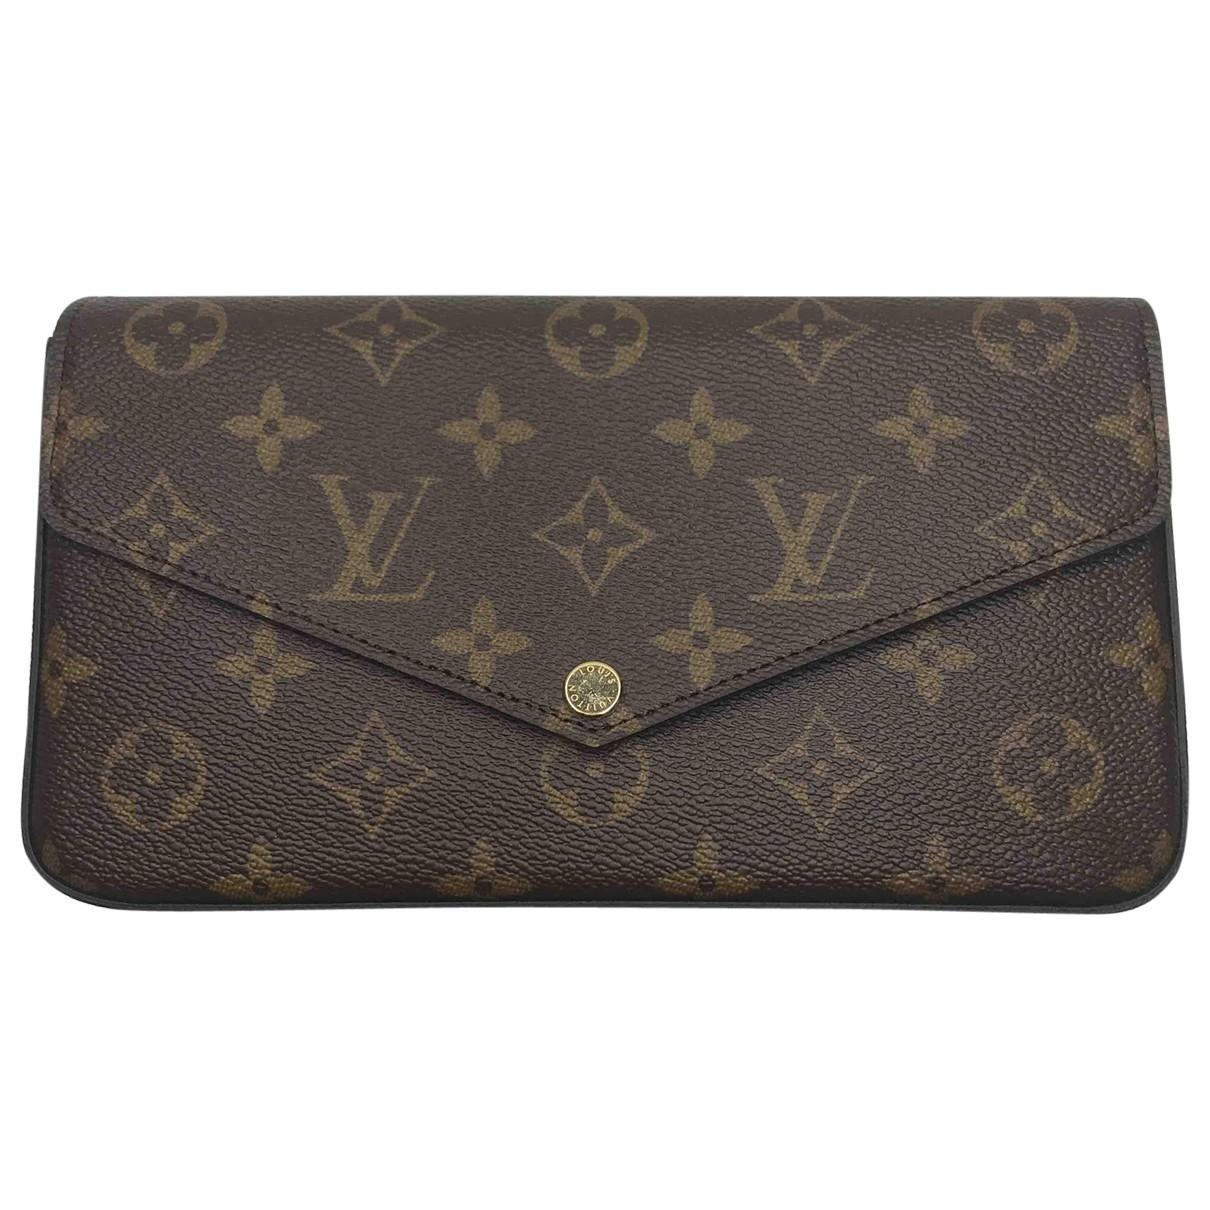 Louis Vuitton \N Kleinlederwaren in  Braun Leder